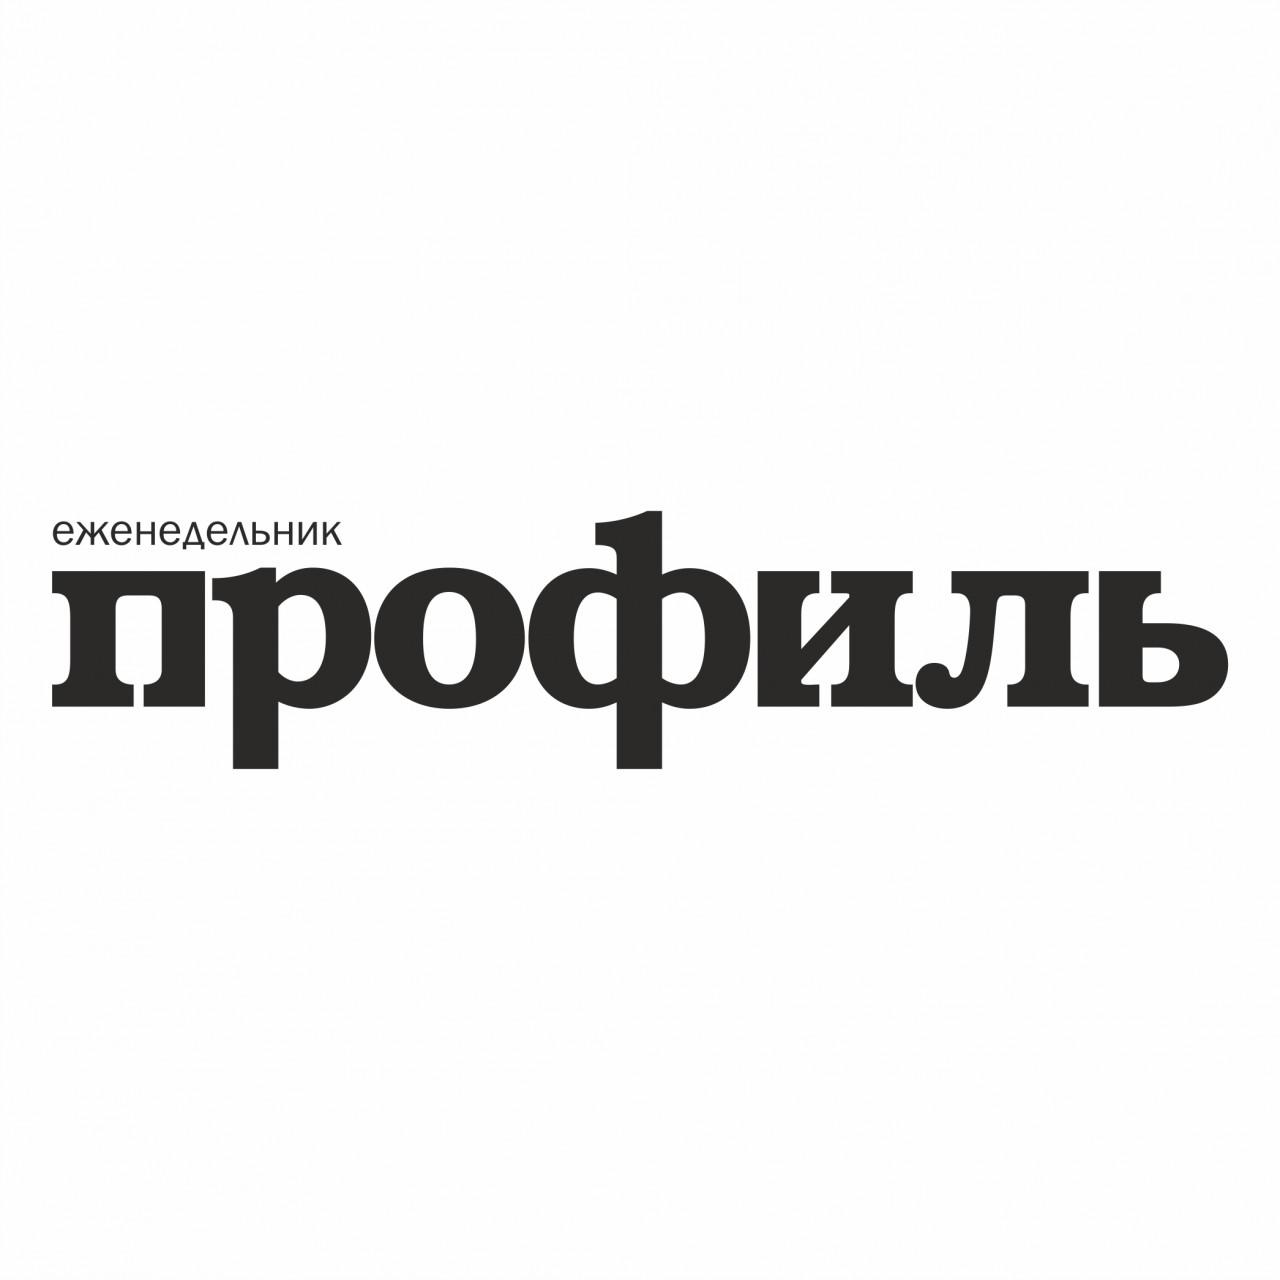 Интерес россиян к ЧМ-2018 вырос после победы сборной